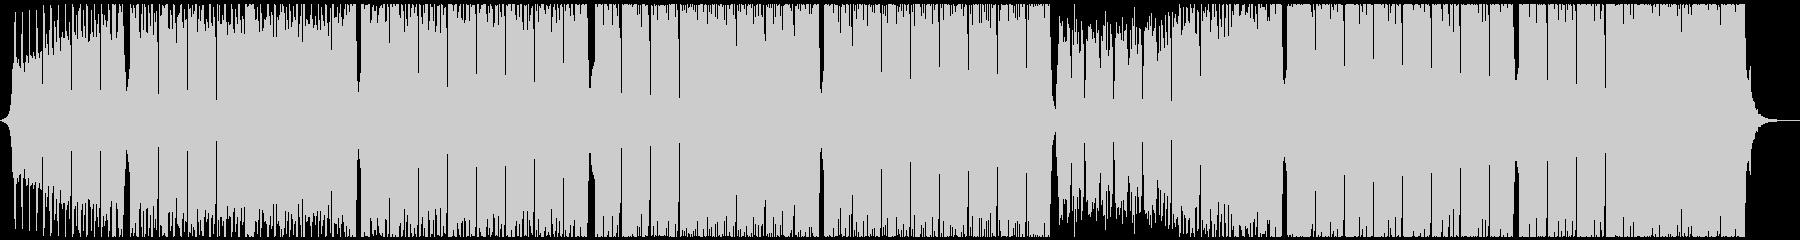 ダブステップ 神経質 ワイルド ス...の未再生の波形